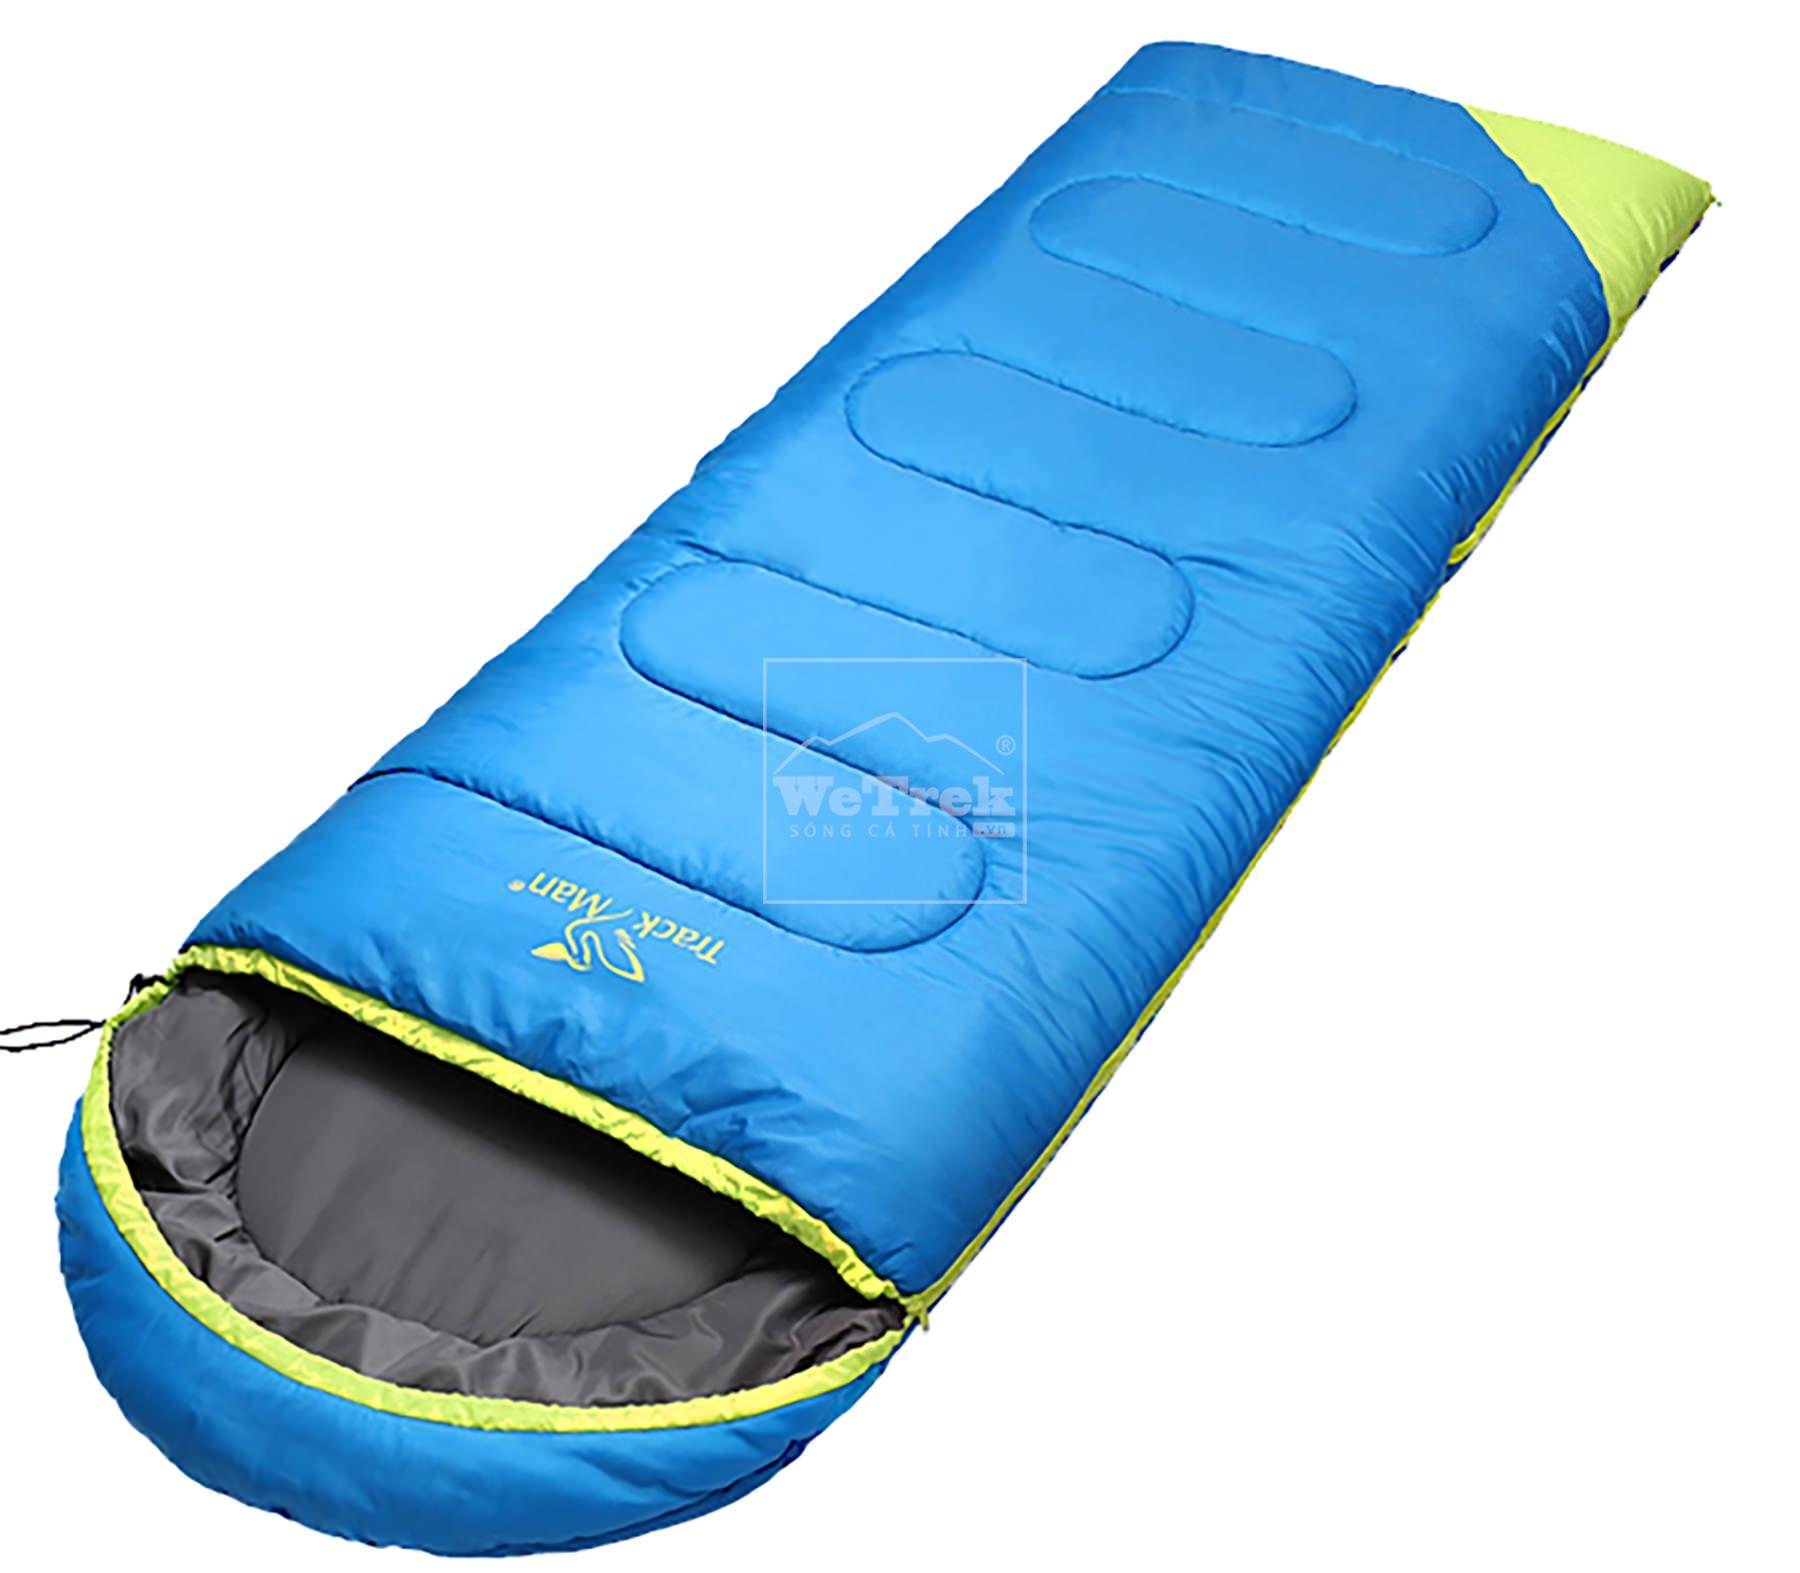 Túi ngủ Track Man Sleeping Bag TM3211 200g - 7944